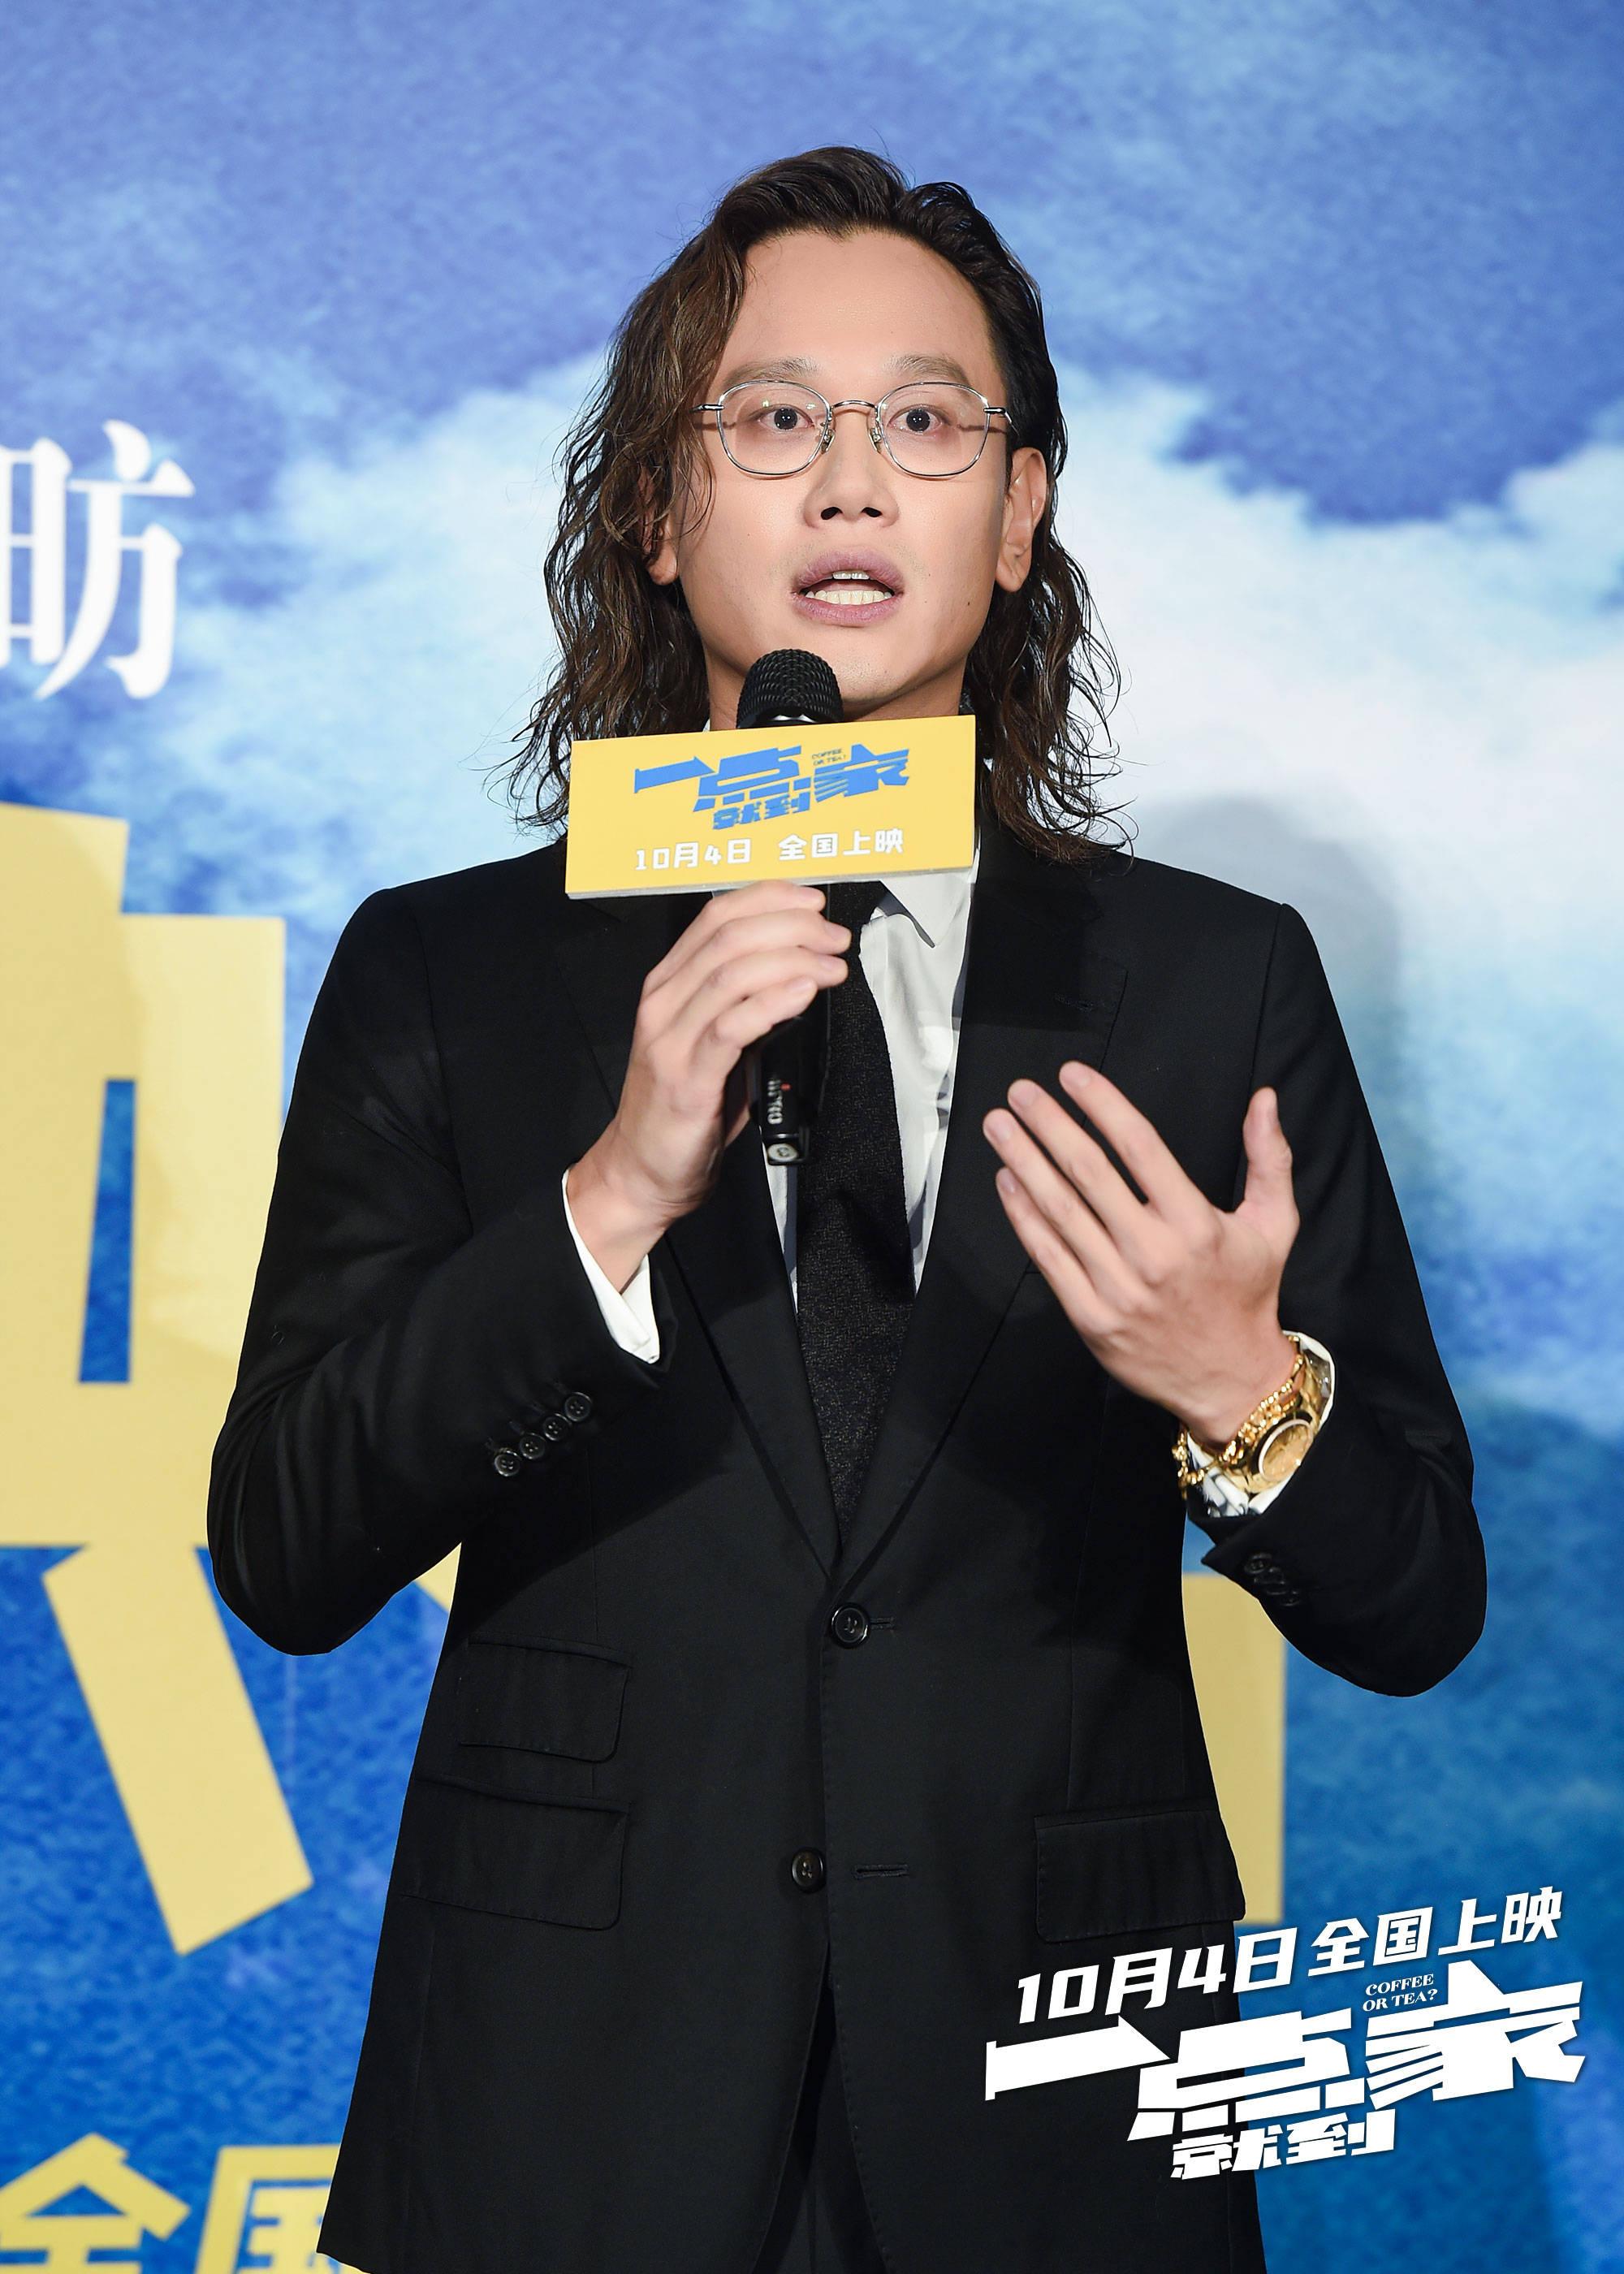 电影《一点就到家》 首映主创欢乐互动 终极预告王宝强惊喜献声